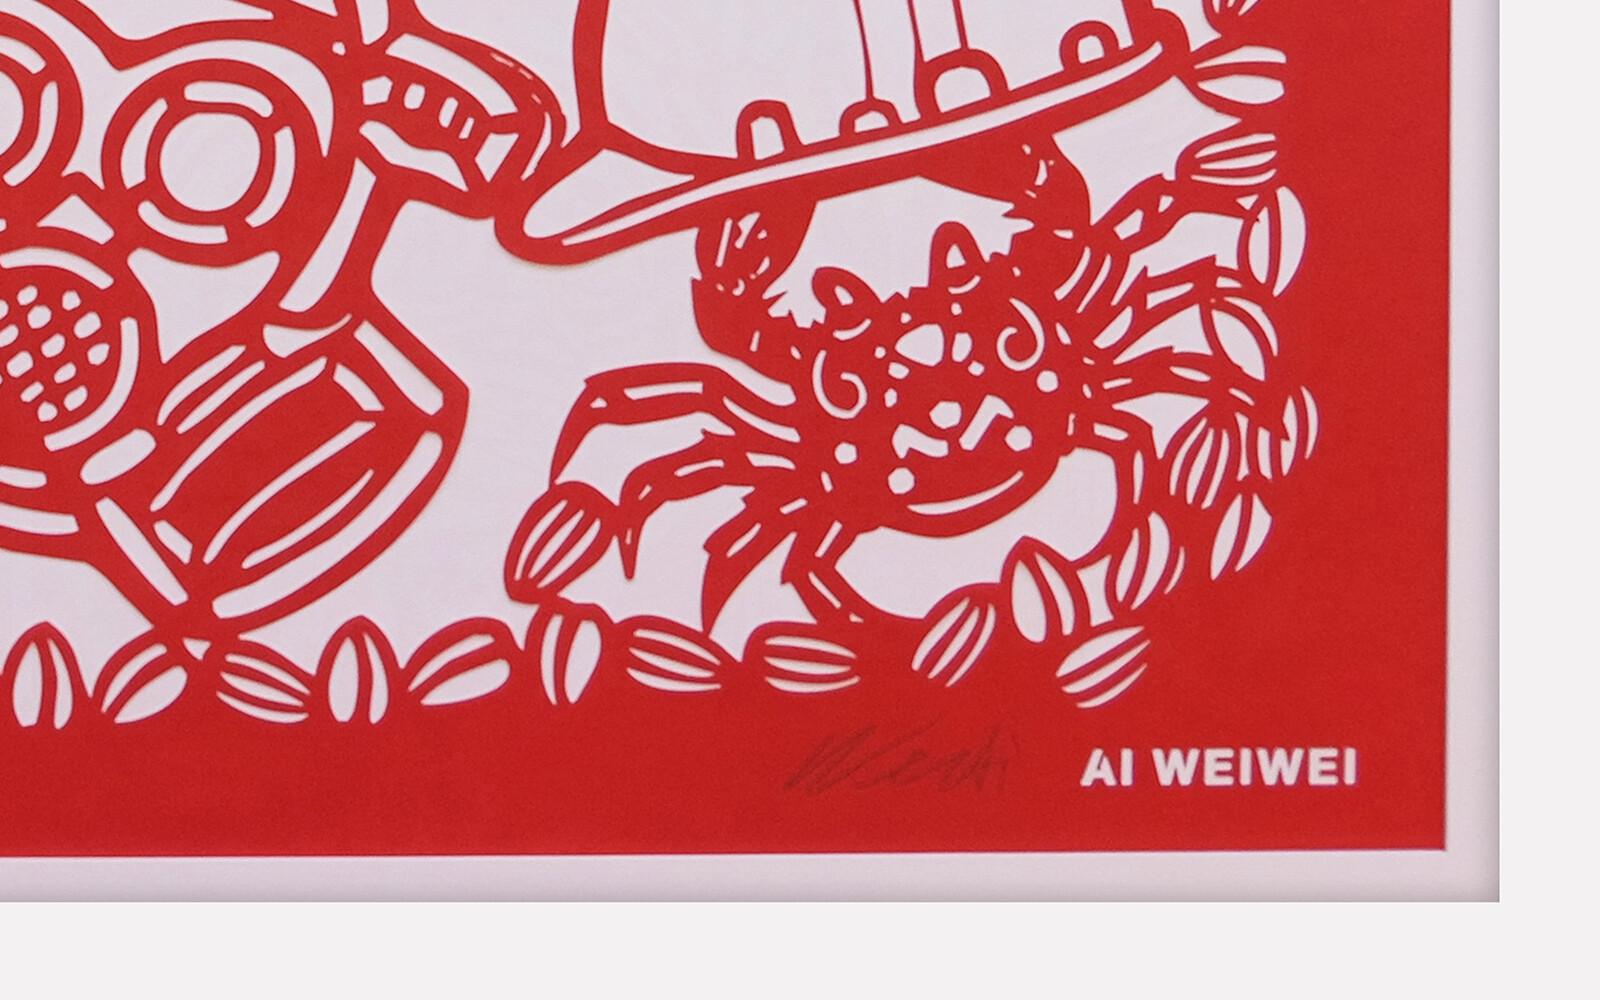 RIVER CRABS - Ai Weiwei